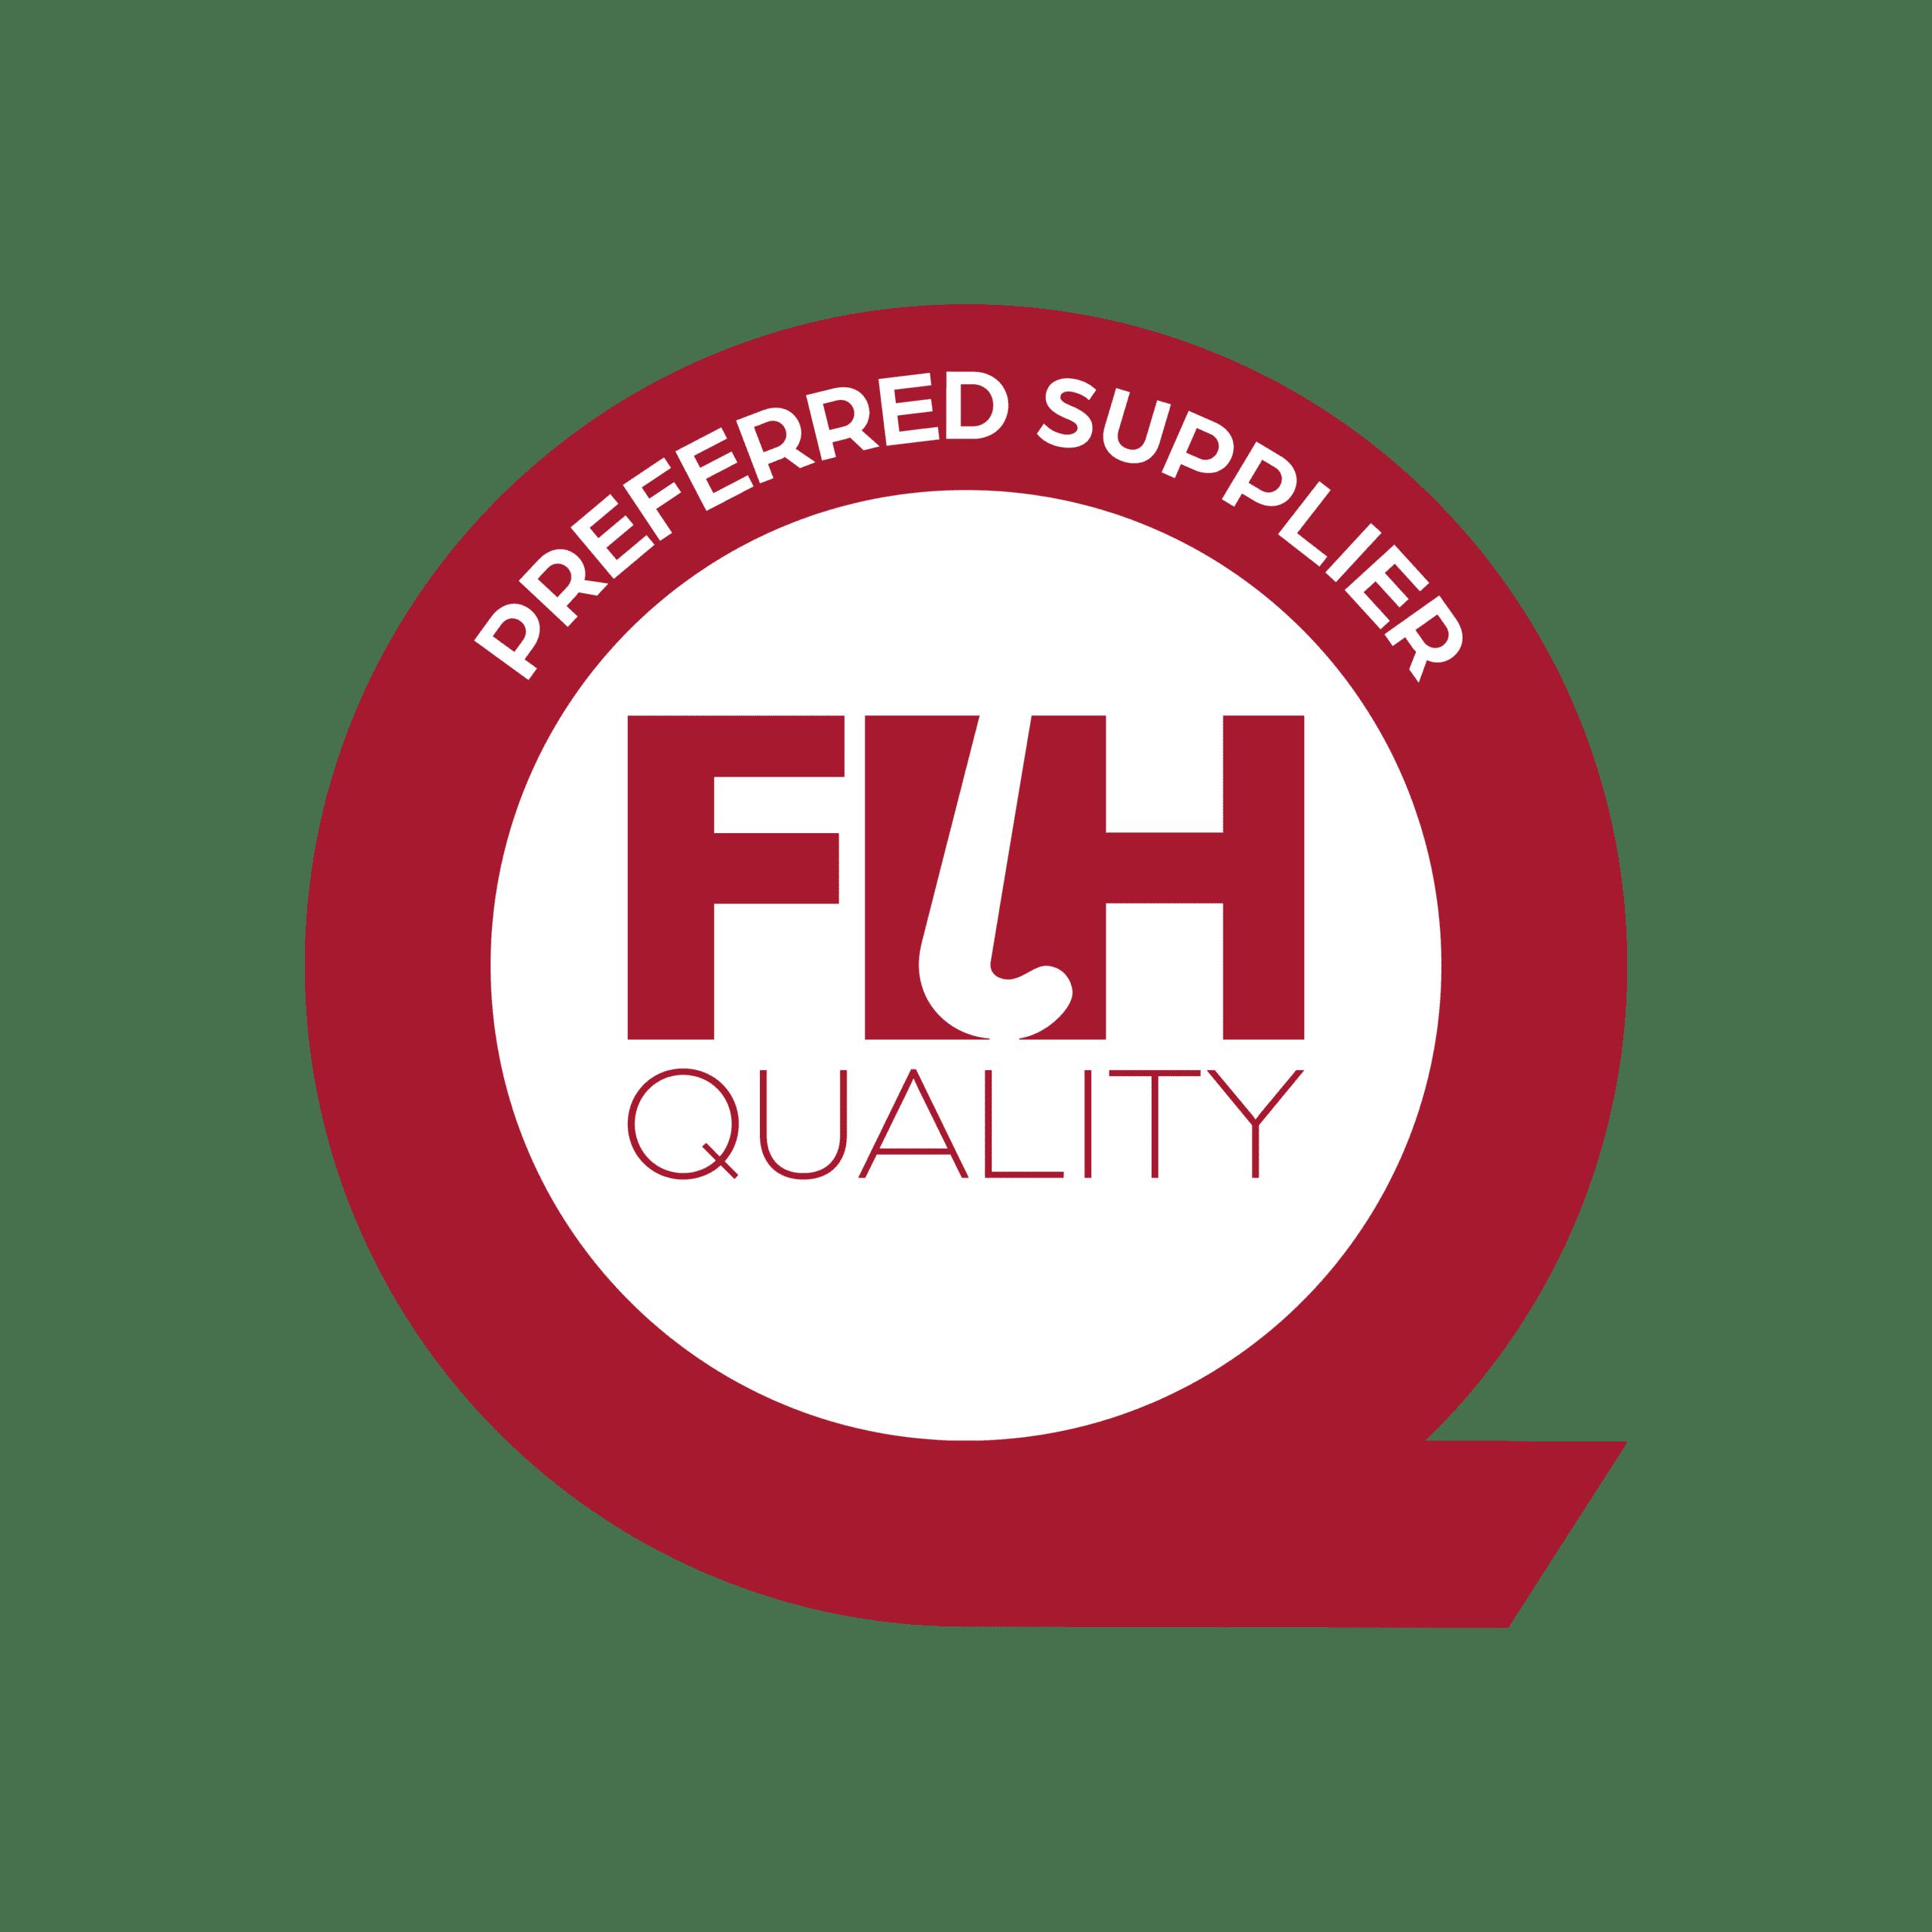 FIH Preferred Supplier Logo